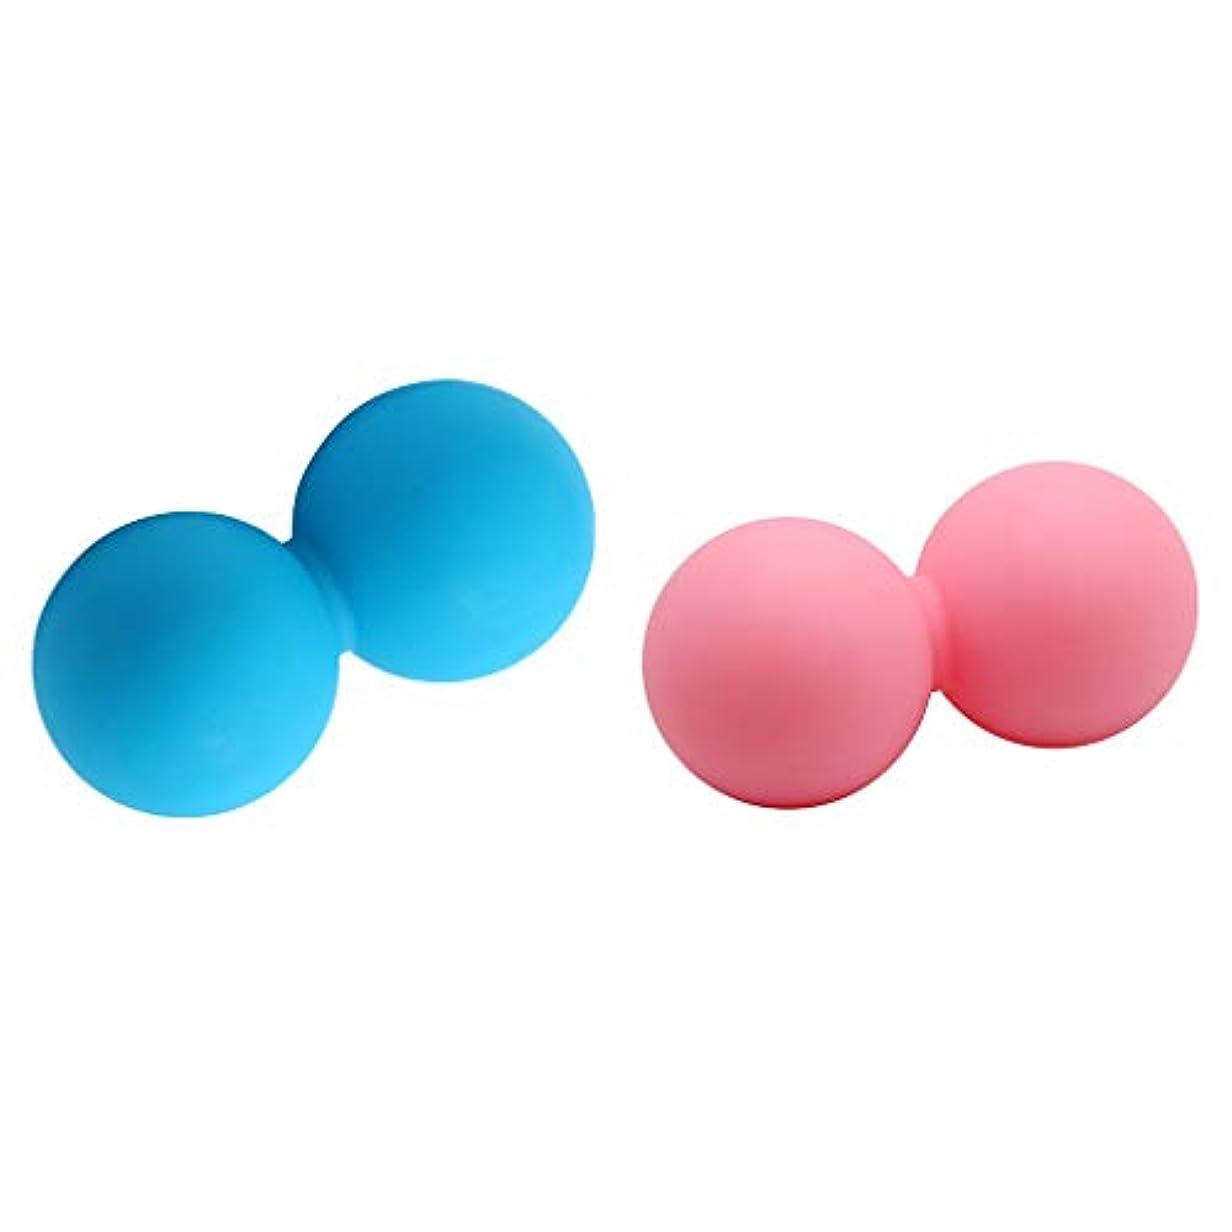 入る動詞と遊ぶ2ピース マッサージボール 筋膜トリガーポイント リリース マッサージ ダブル ボール シリコン